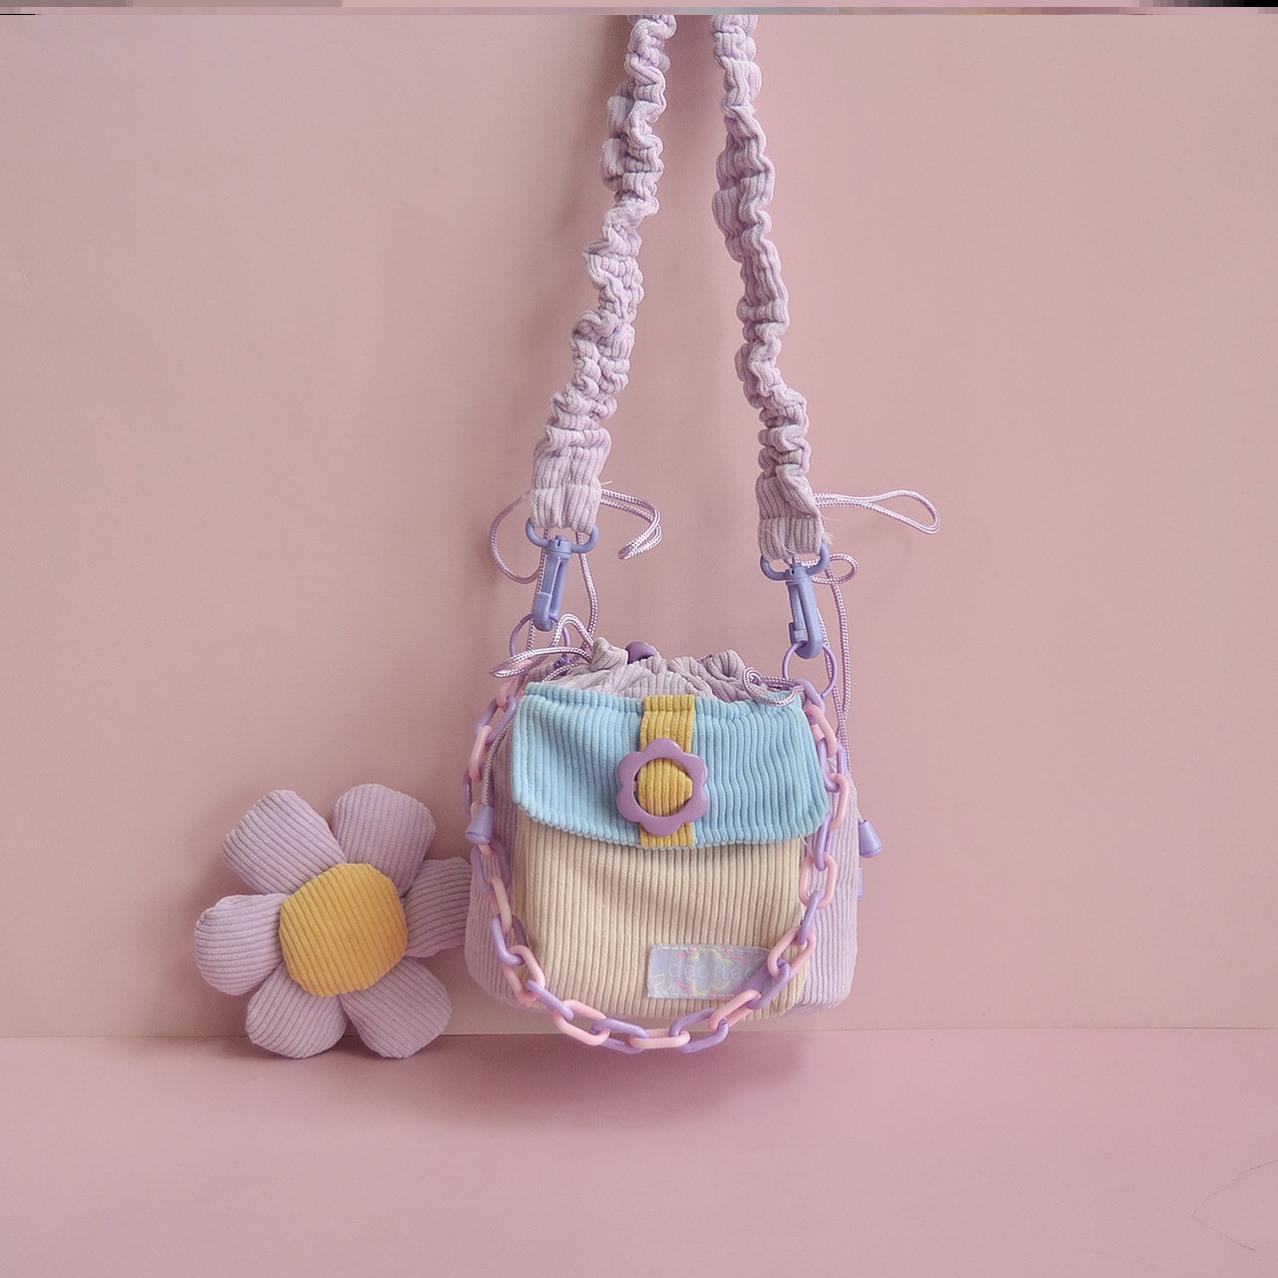 紫色水桶包 单肩包女春款紫色挎包女水桶包2021新款包包可爱日系单肩包女斜挎_推荐淘宝好看的紫色水桶包